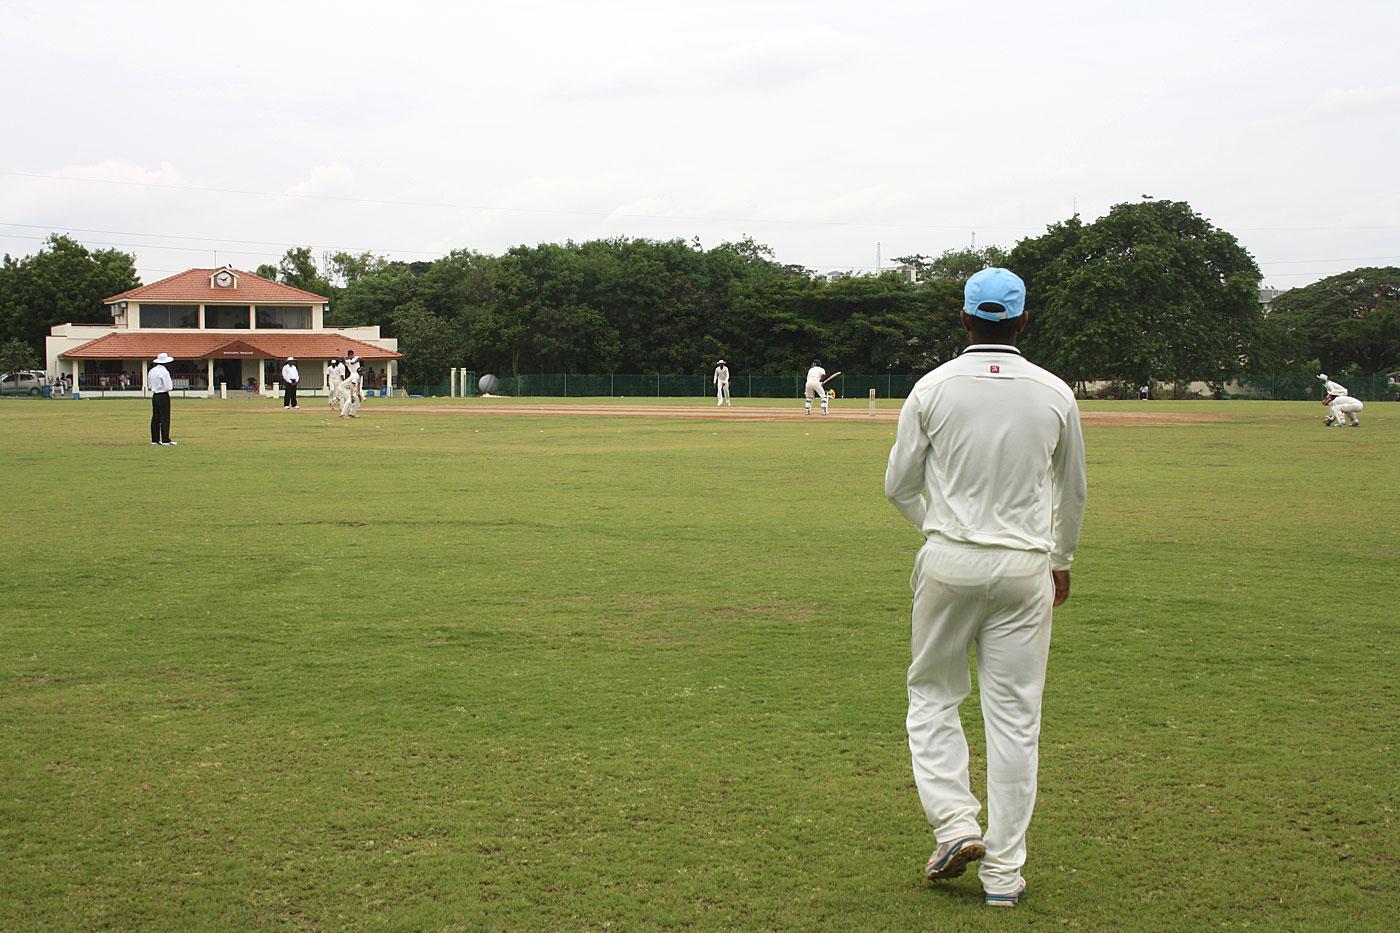 घरेलू क्रिकेट के 5 ऐसे रिकॉर्ड जो अंतरराष्ट्रीय क्रिकेट में आज तक नहीं बने, इनका टूटना मुश्किल नहीं नामुमकिन